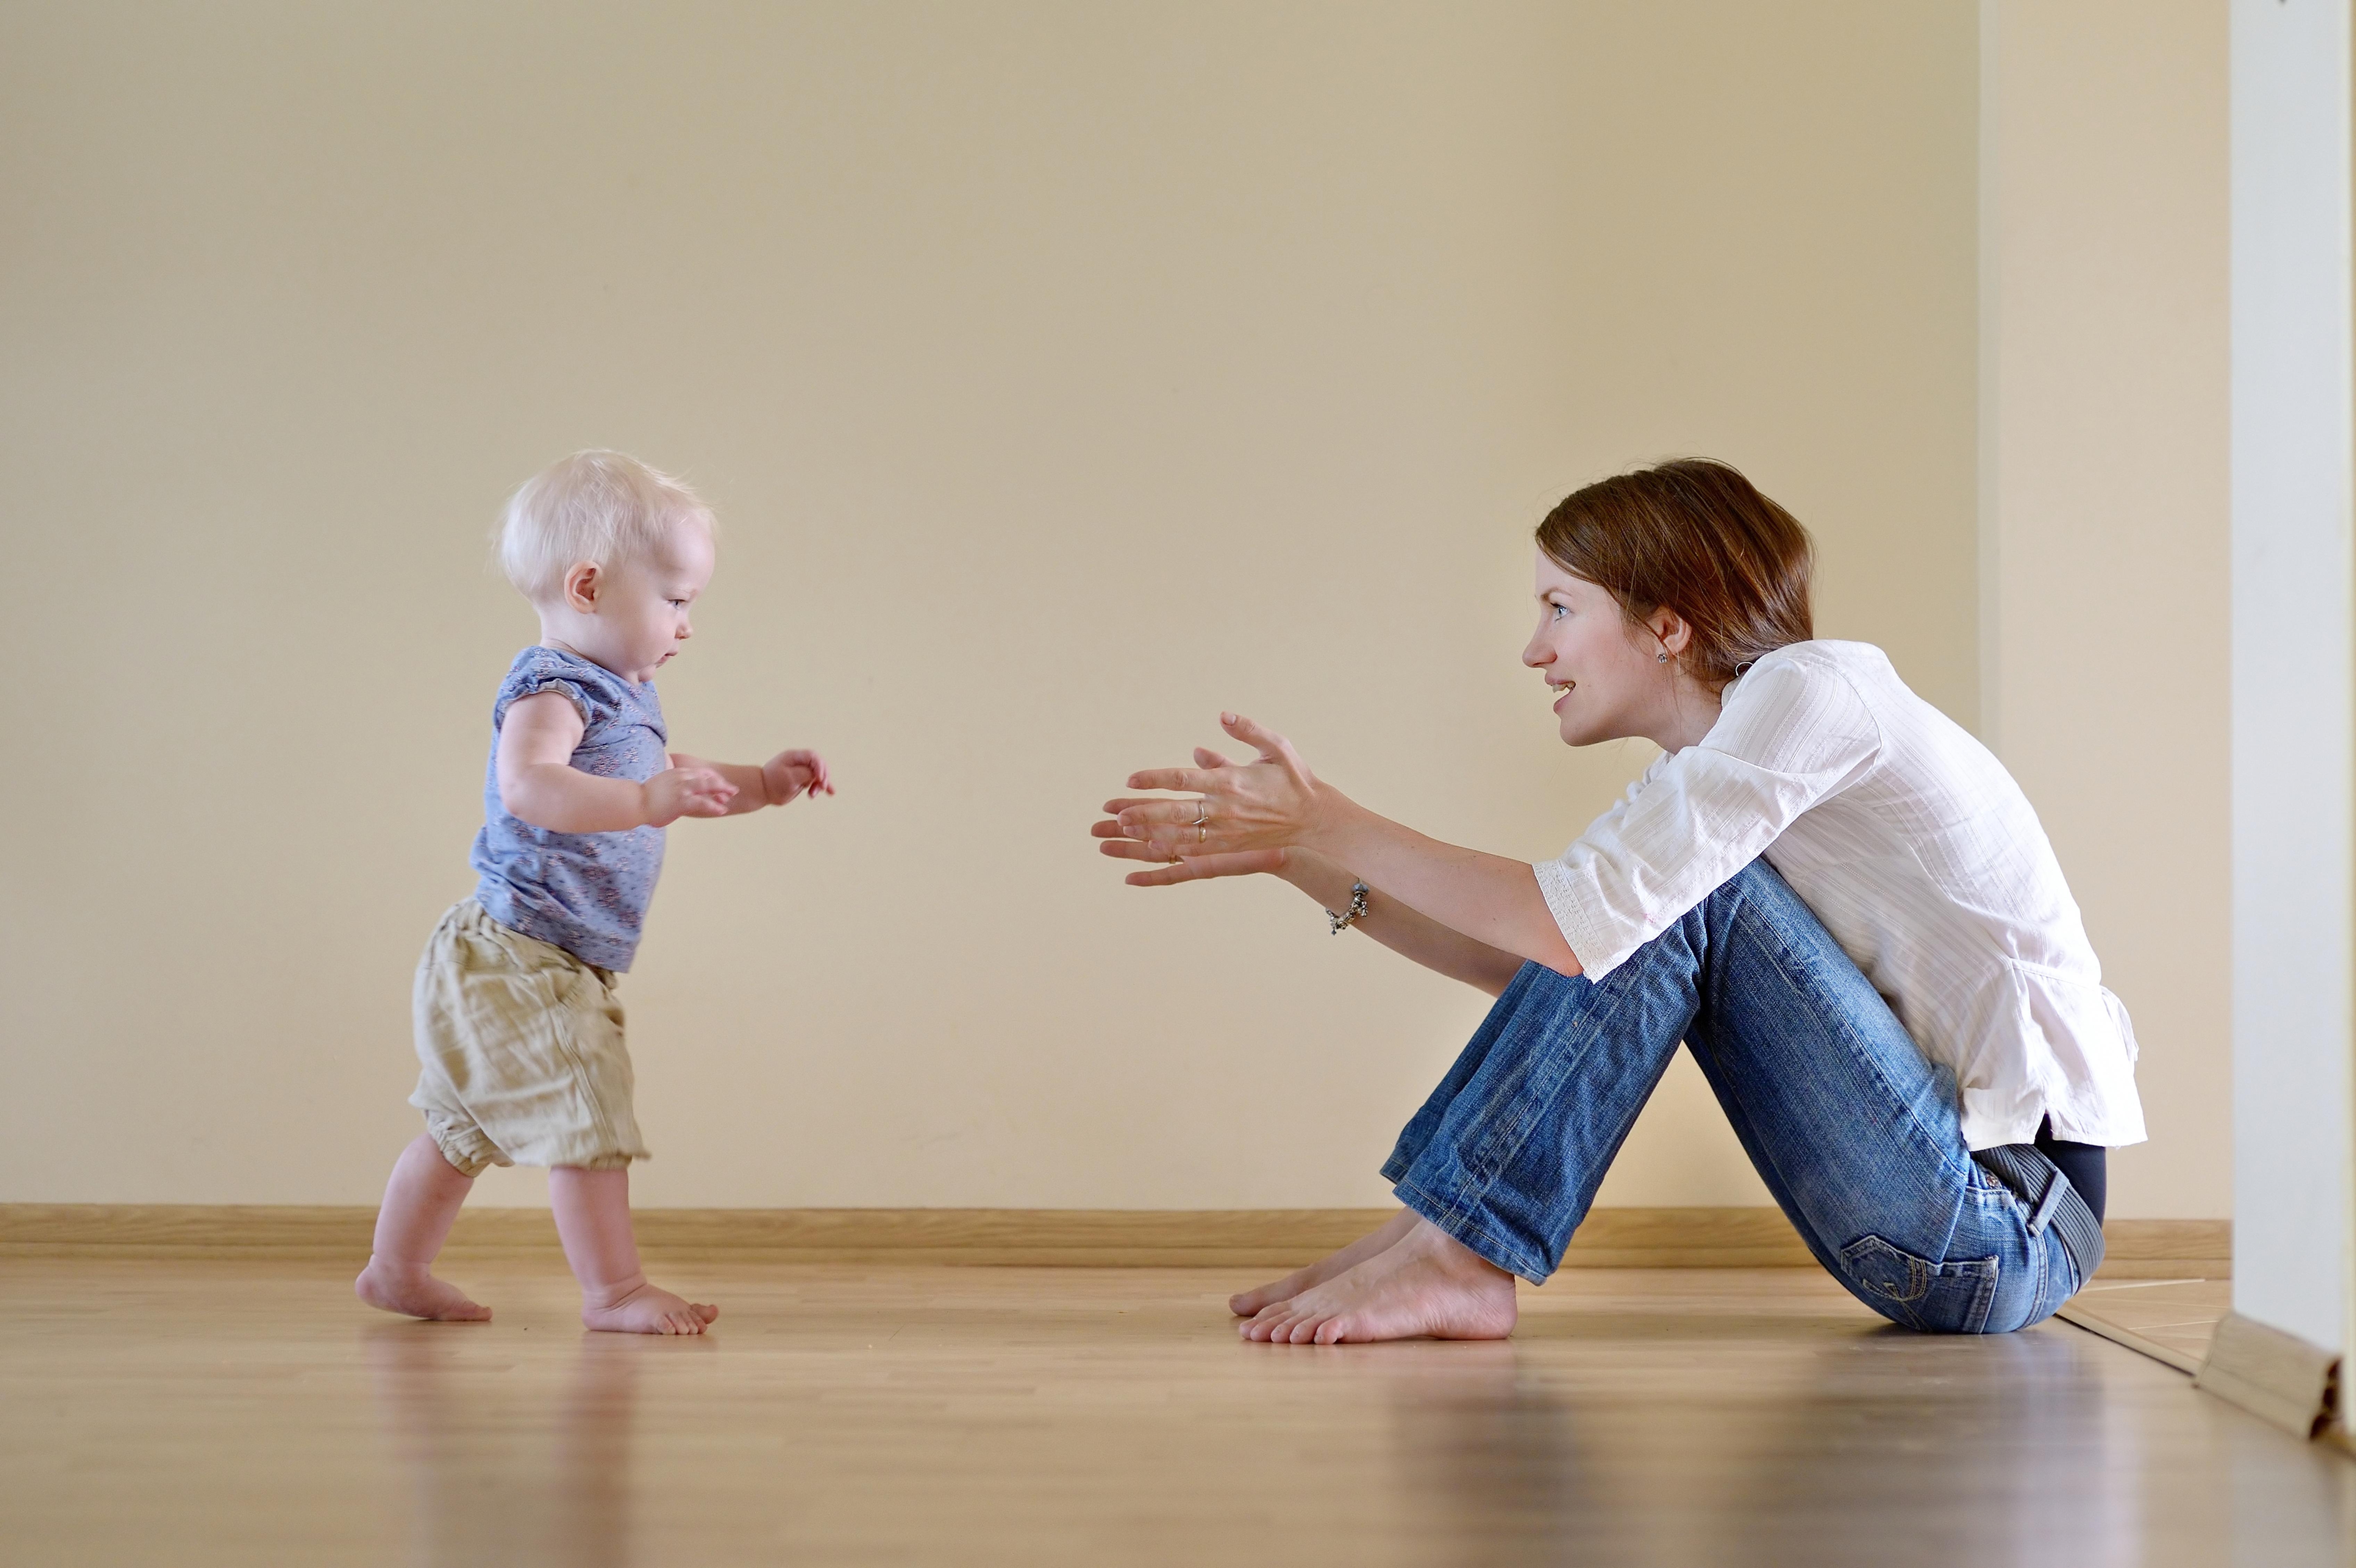 El tortuoso camino de la adopción